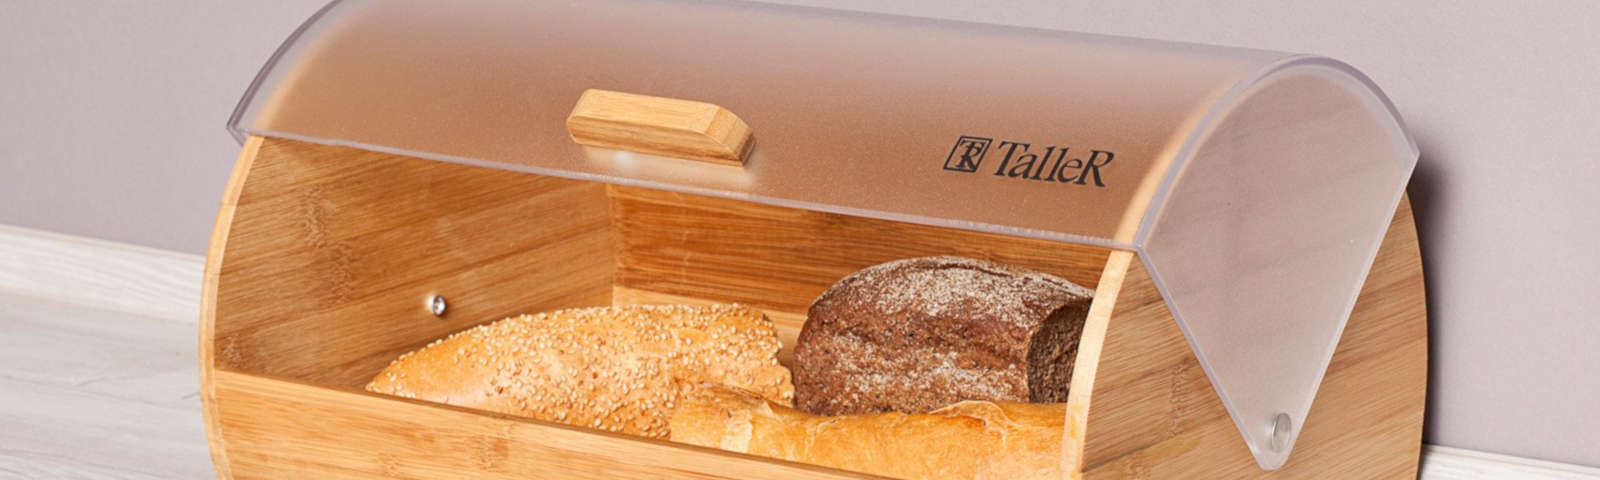 хлебница деревянная фото